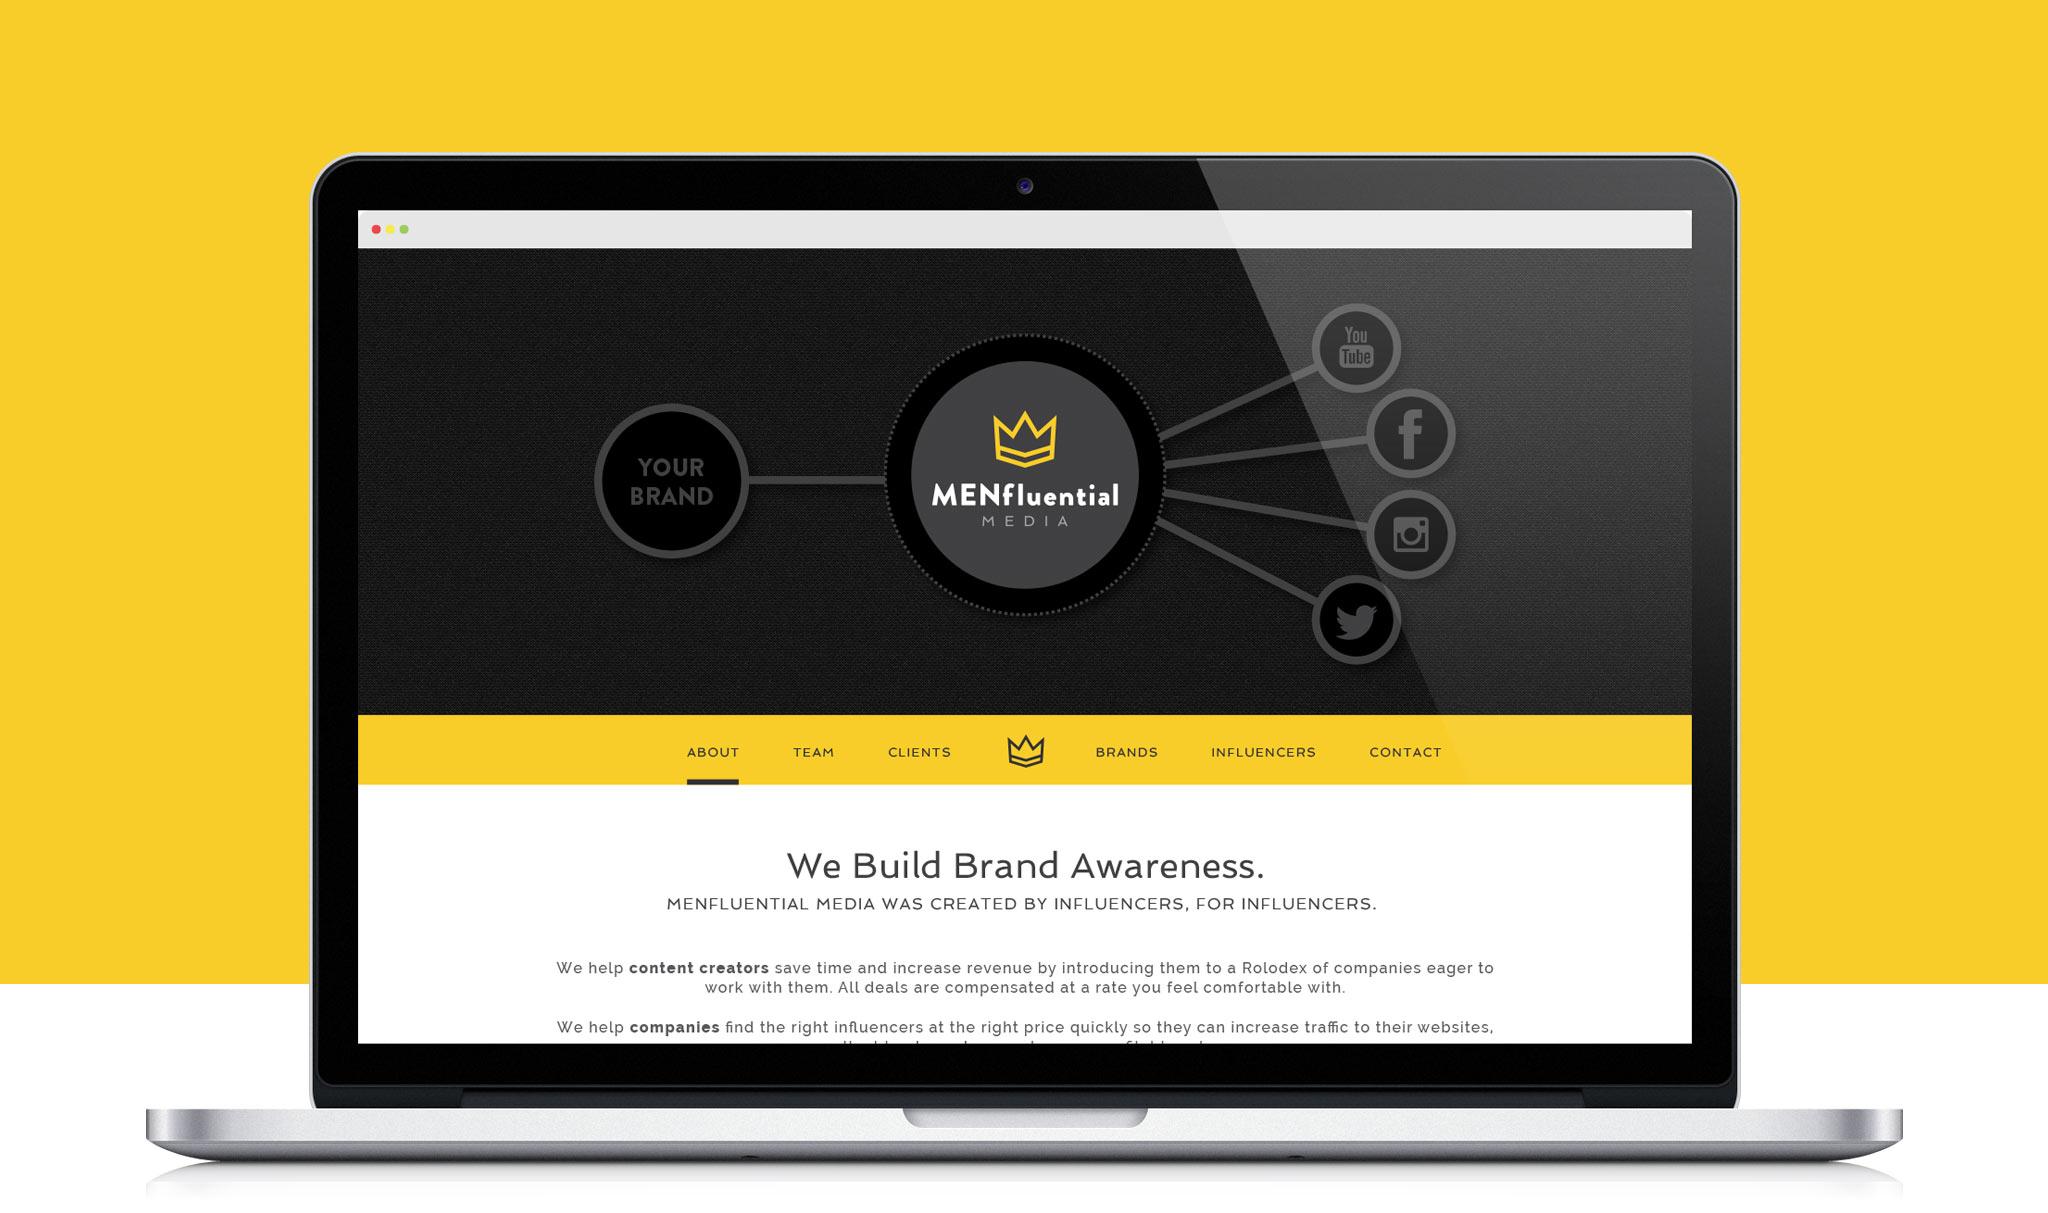 MENfluential website screenshot